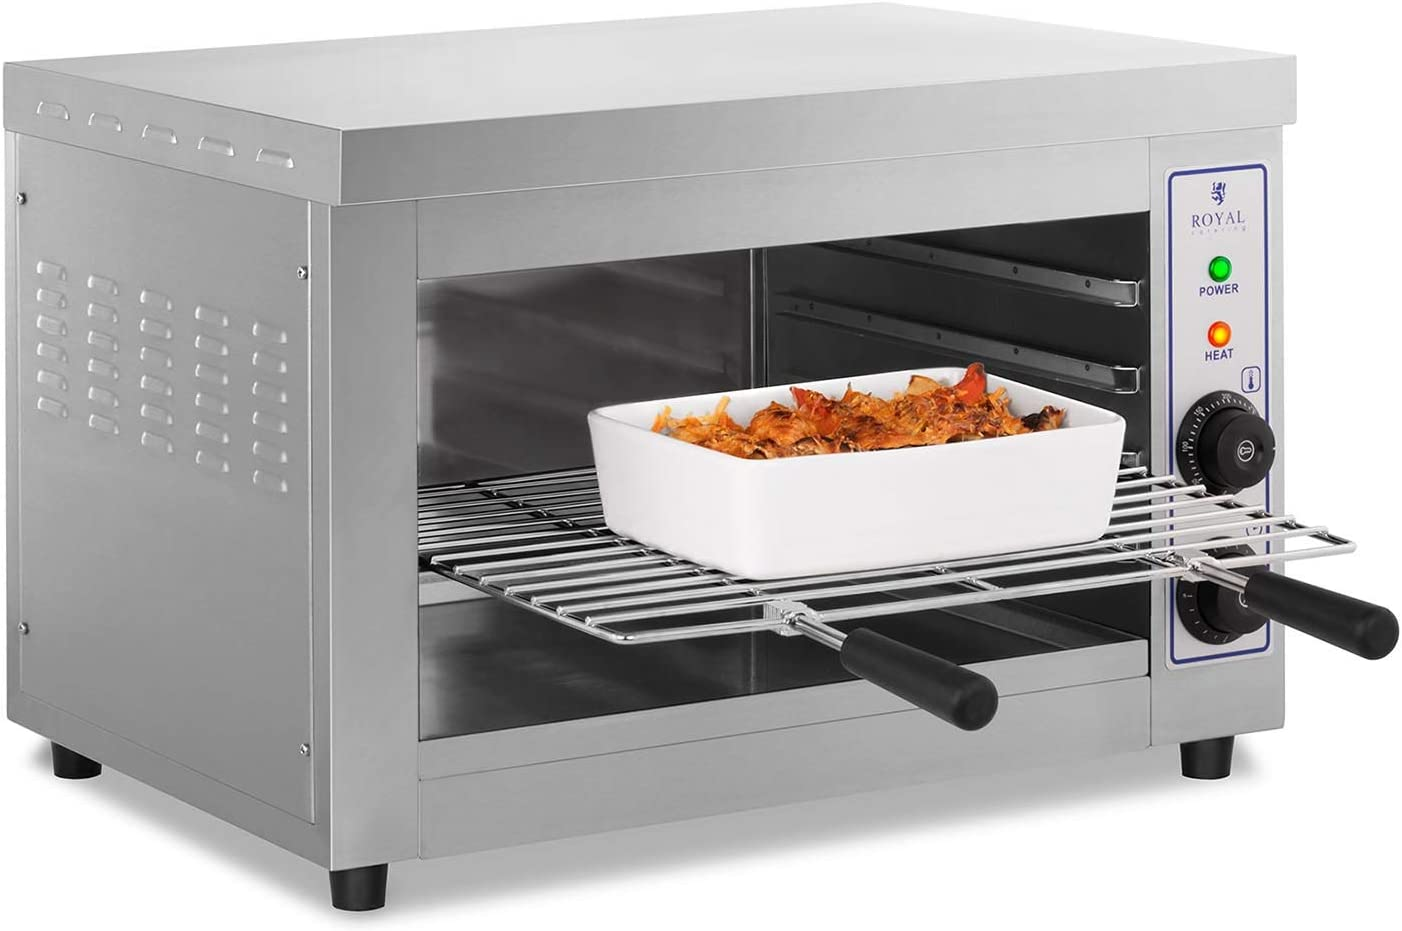 Royal Catering Salamander Grill Überbackgerät (19 V, 19 W, 19–19 °C,  Edelstahl, Auffangbehälter, Timer, Grillrost)